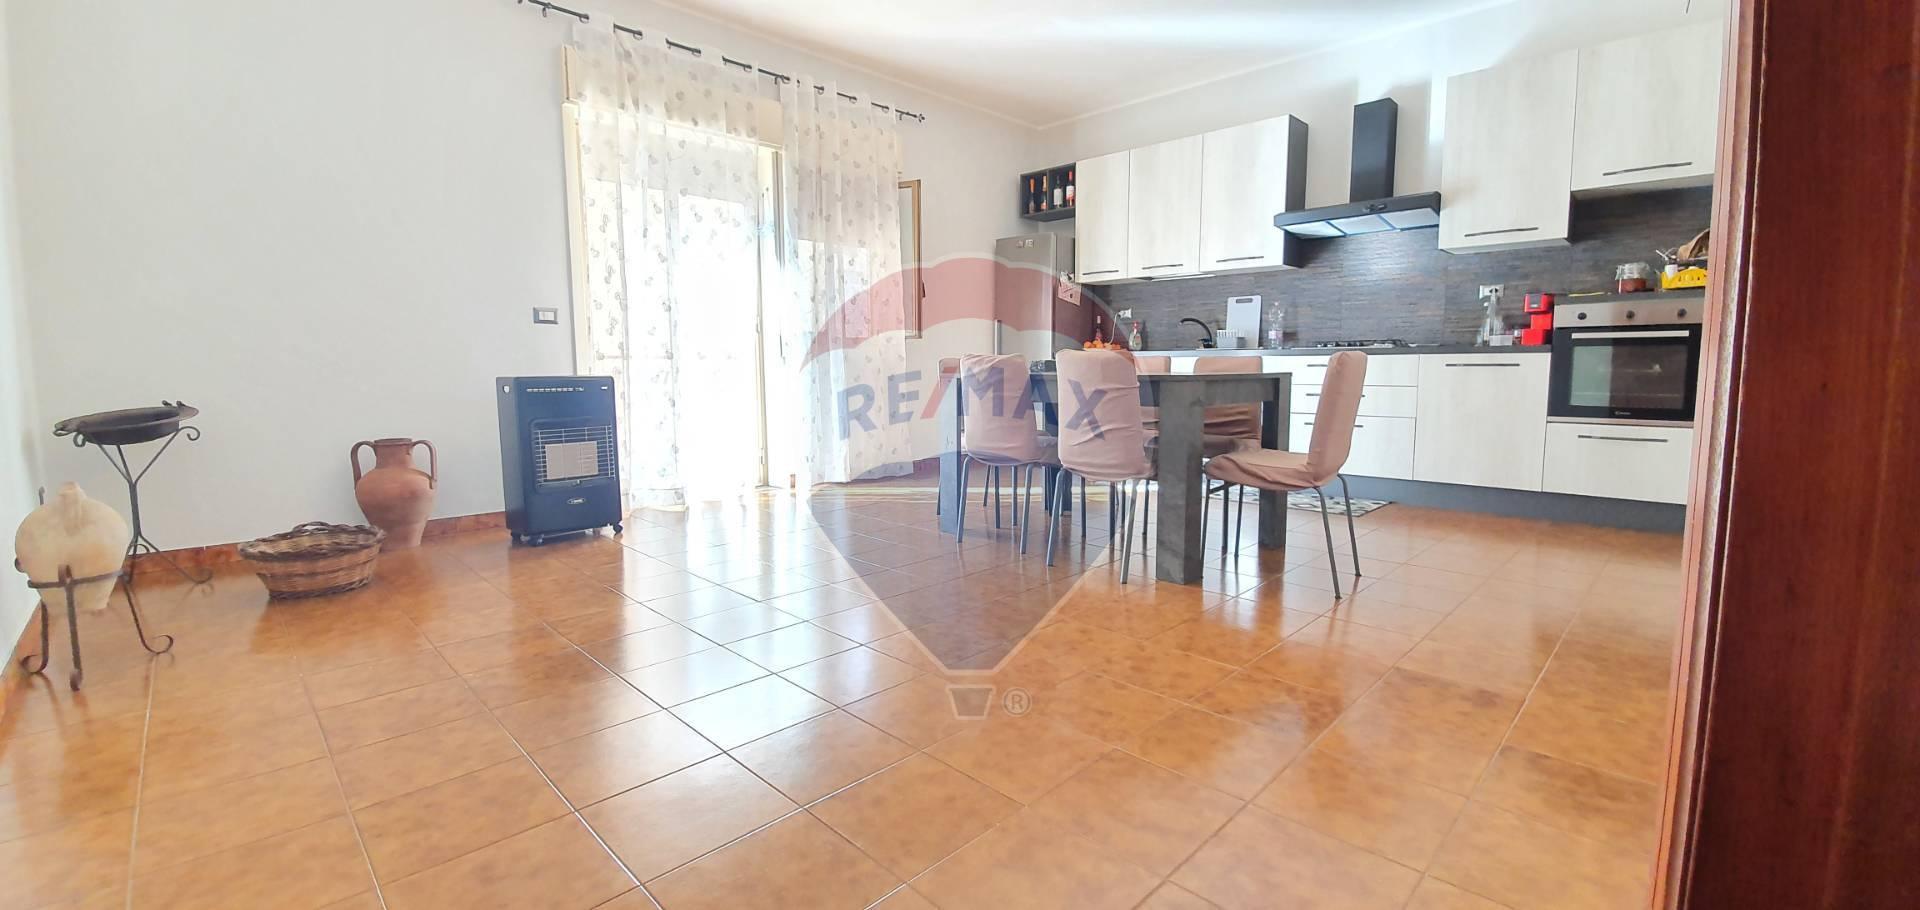 Appartamento in vendita a Gaggi, 4 locali, prezzo € 75.000 | CambioCasa.it